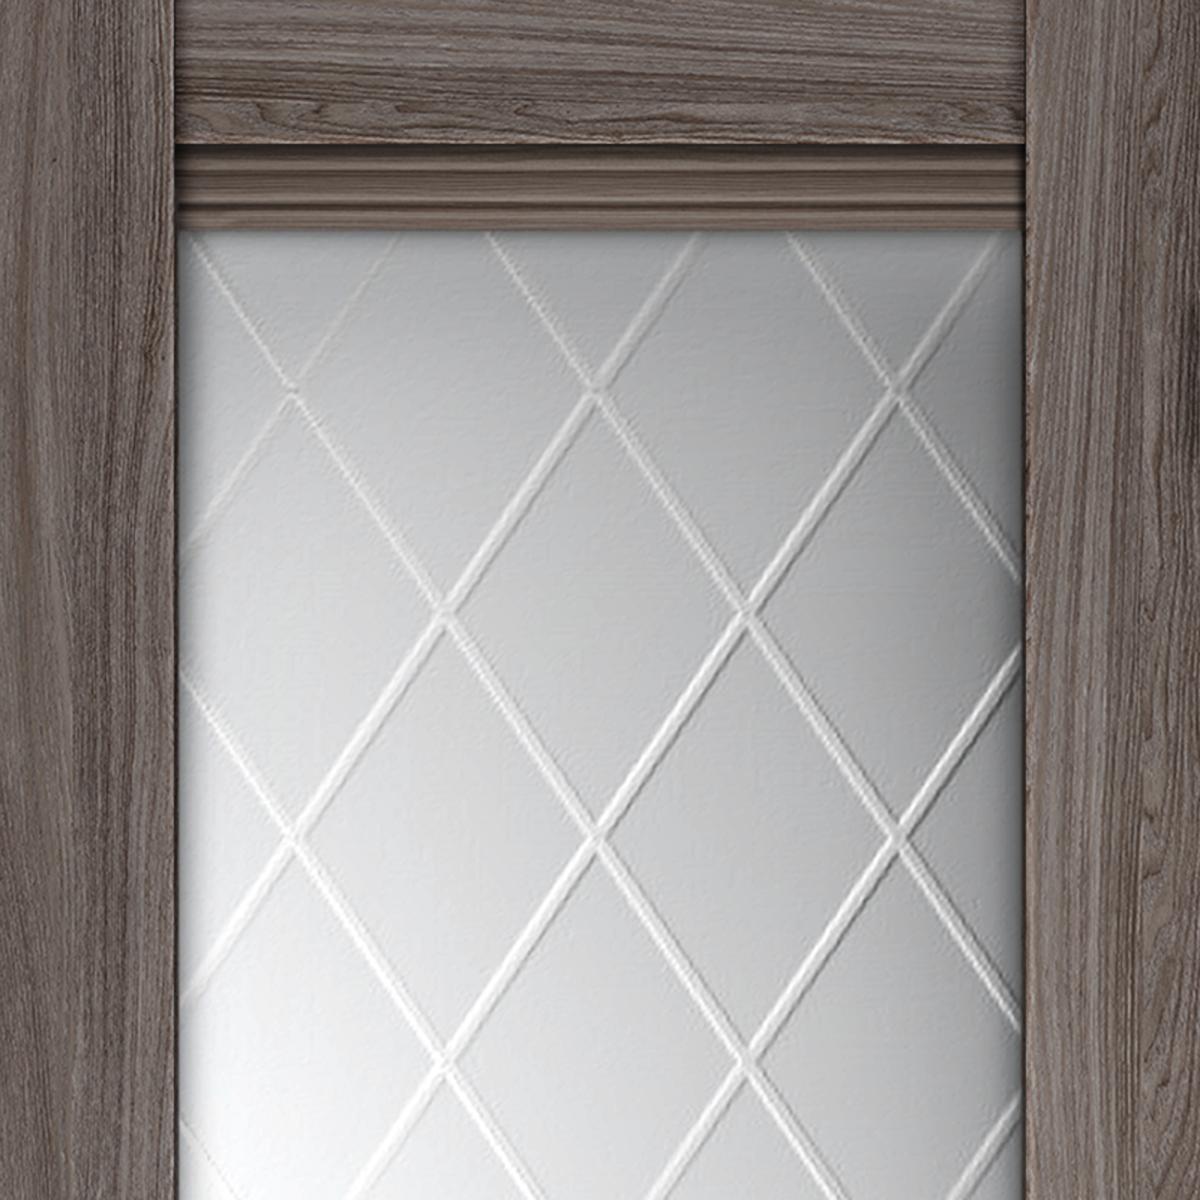 Дверь межкомнатная остеклённая с замком и петлями в комплекте «Тоскана» 70x200 см цвет ясень анкор